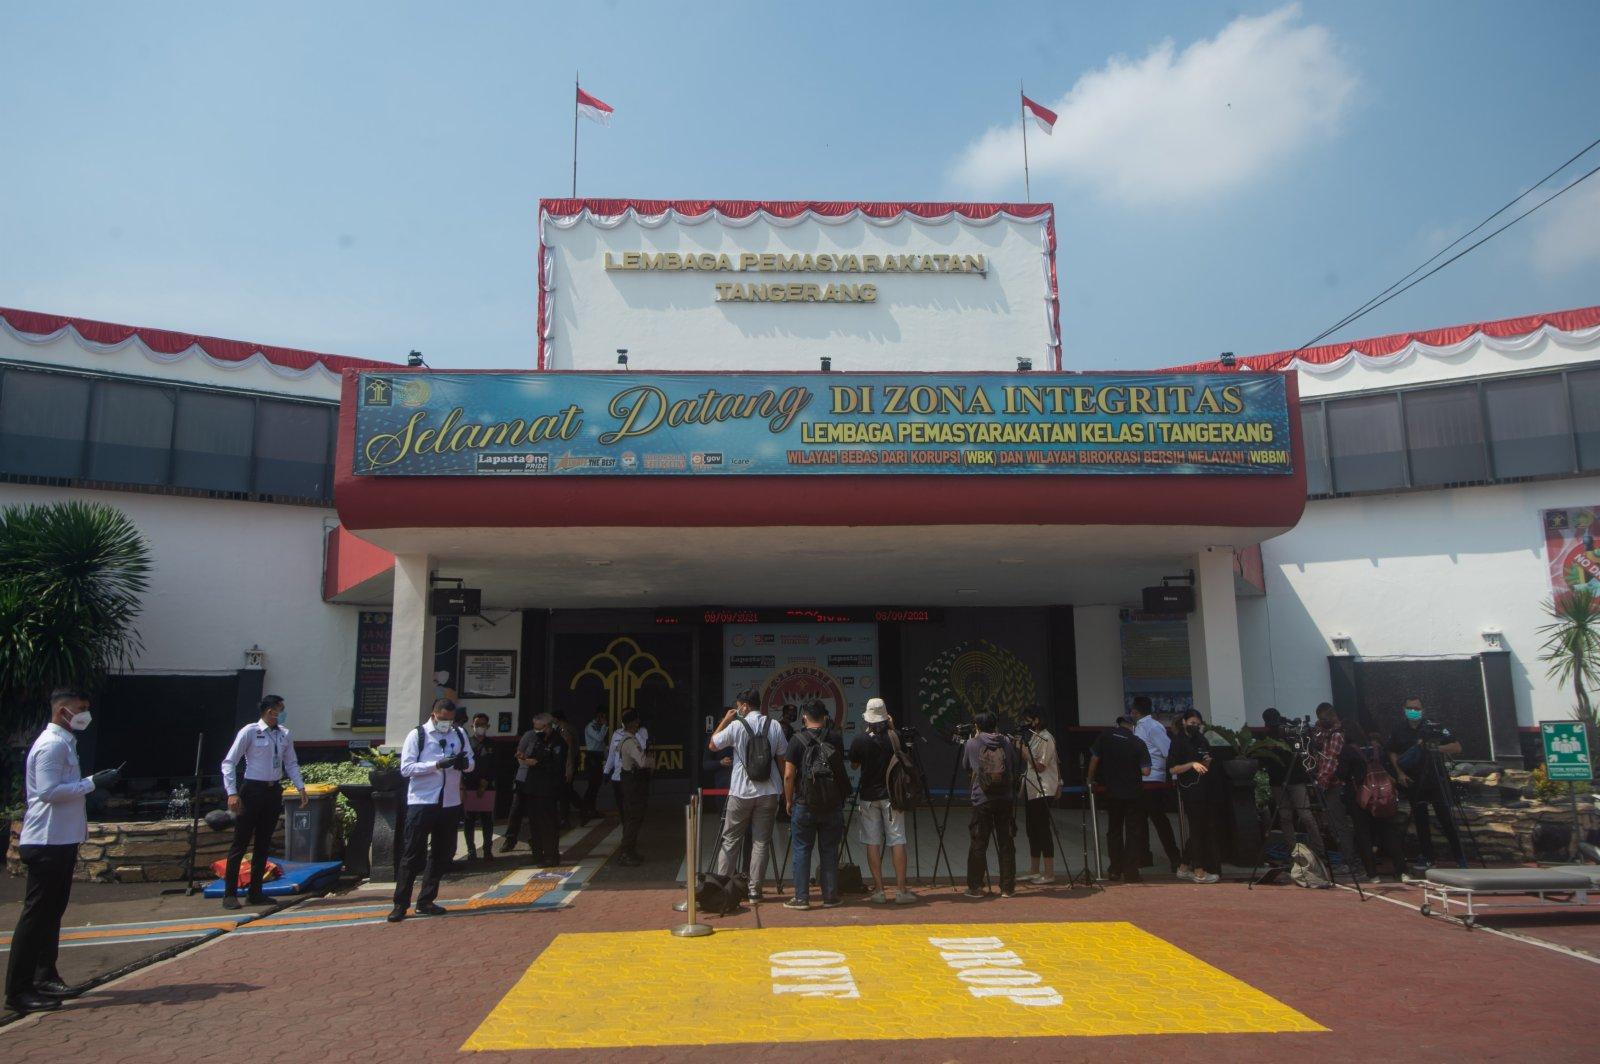 9月8日,媒體記者和工作人員聚集在印度尼西亞唐格朗一監獄門前。(新華社)